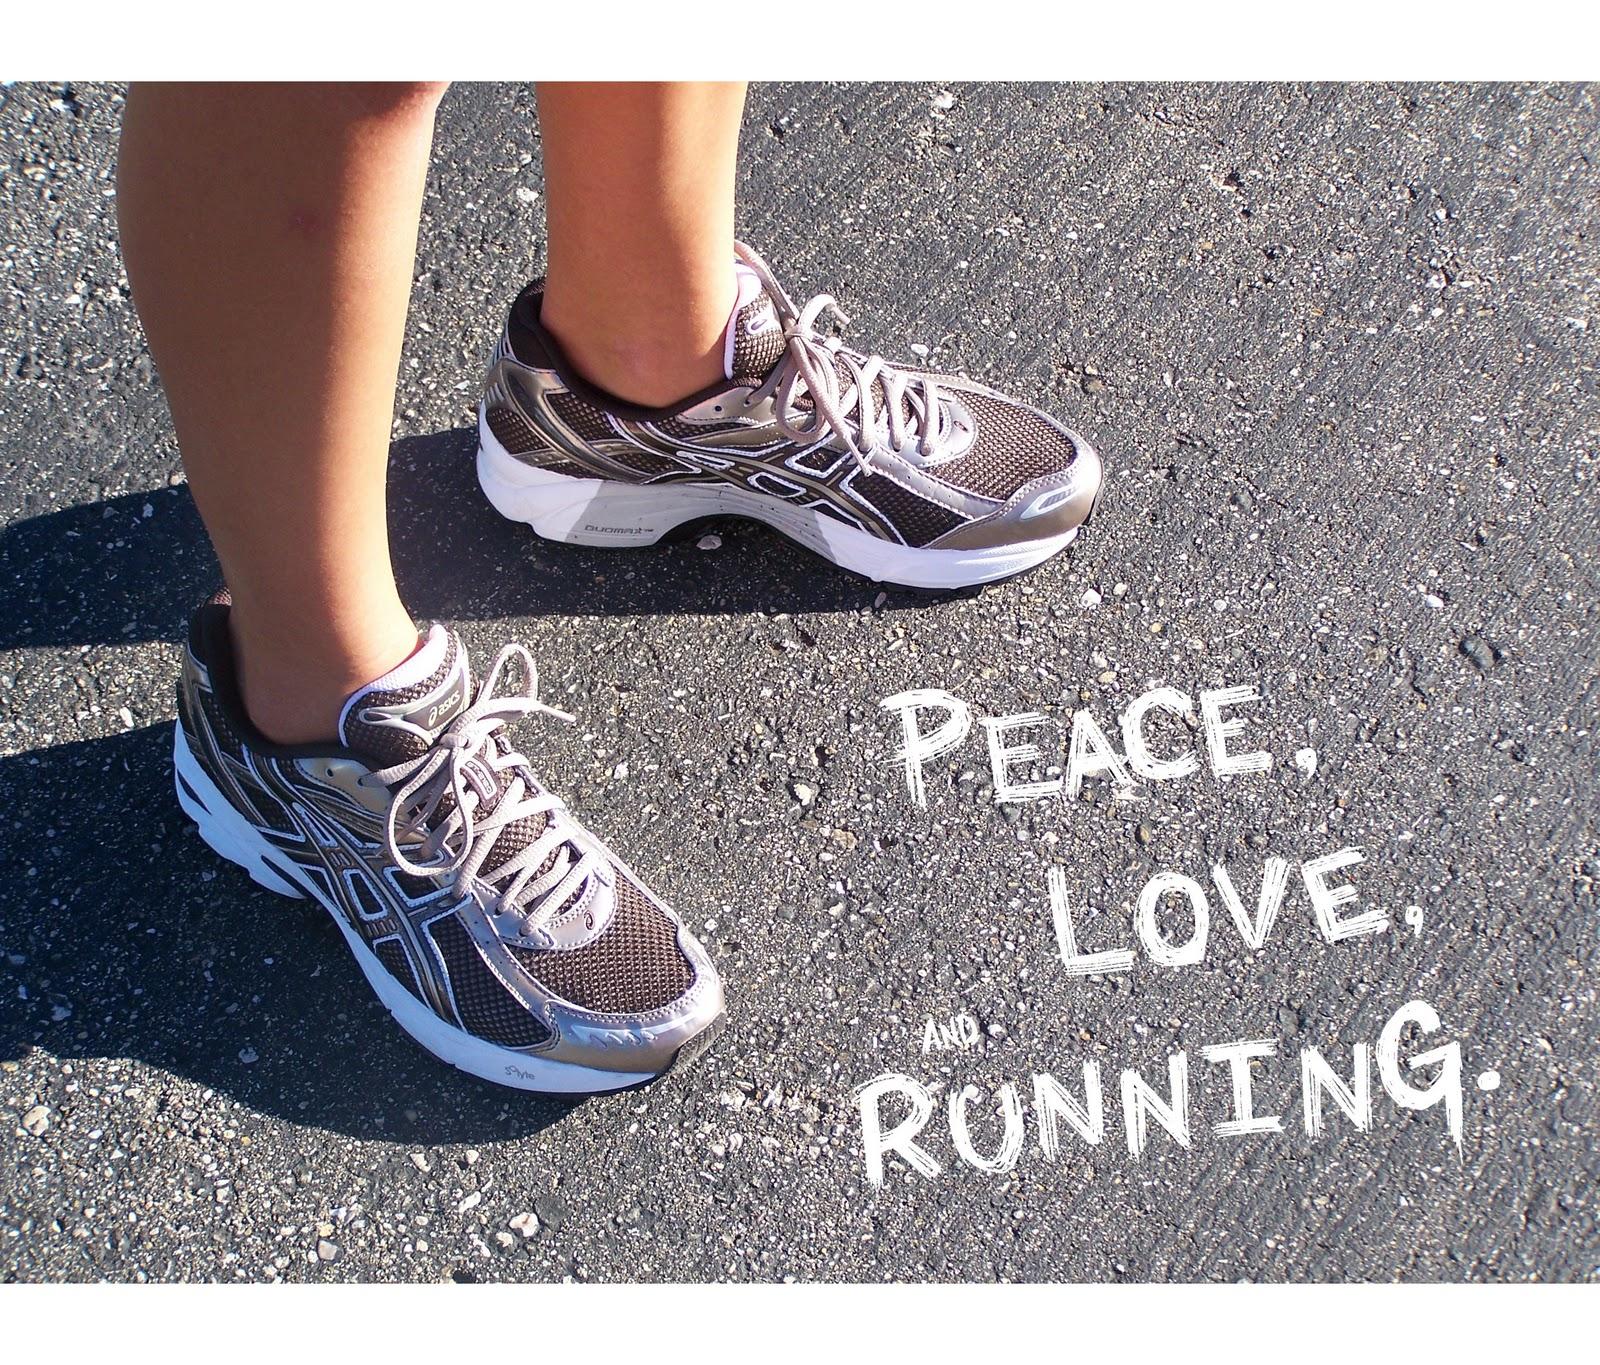 http://4.bp.blogspot.com/-eHydqPsv76s/T0PJQL6e4XI/AAAAAAAABag/MxzwyCf2Iyk/s1600/Love-running.jpg